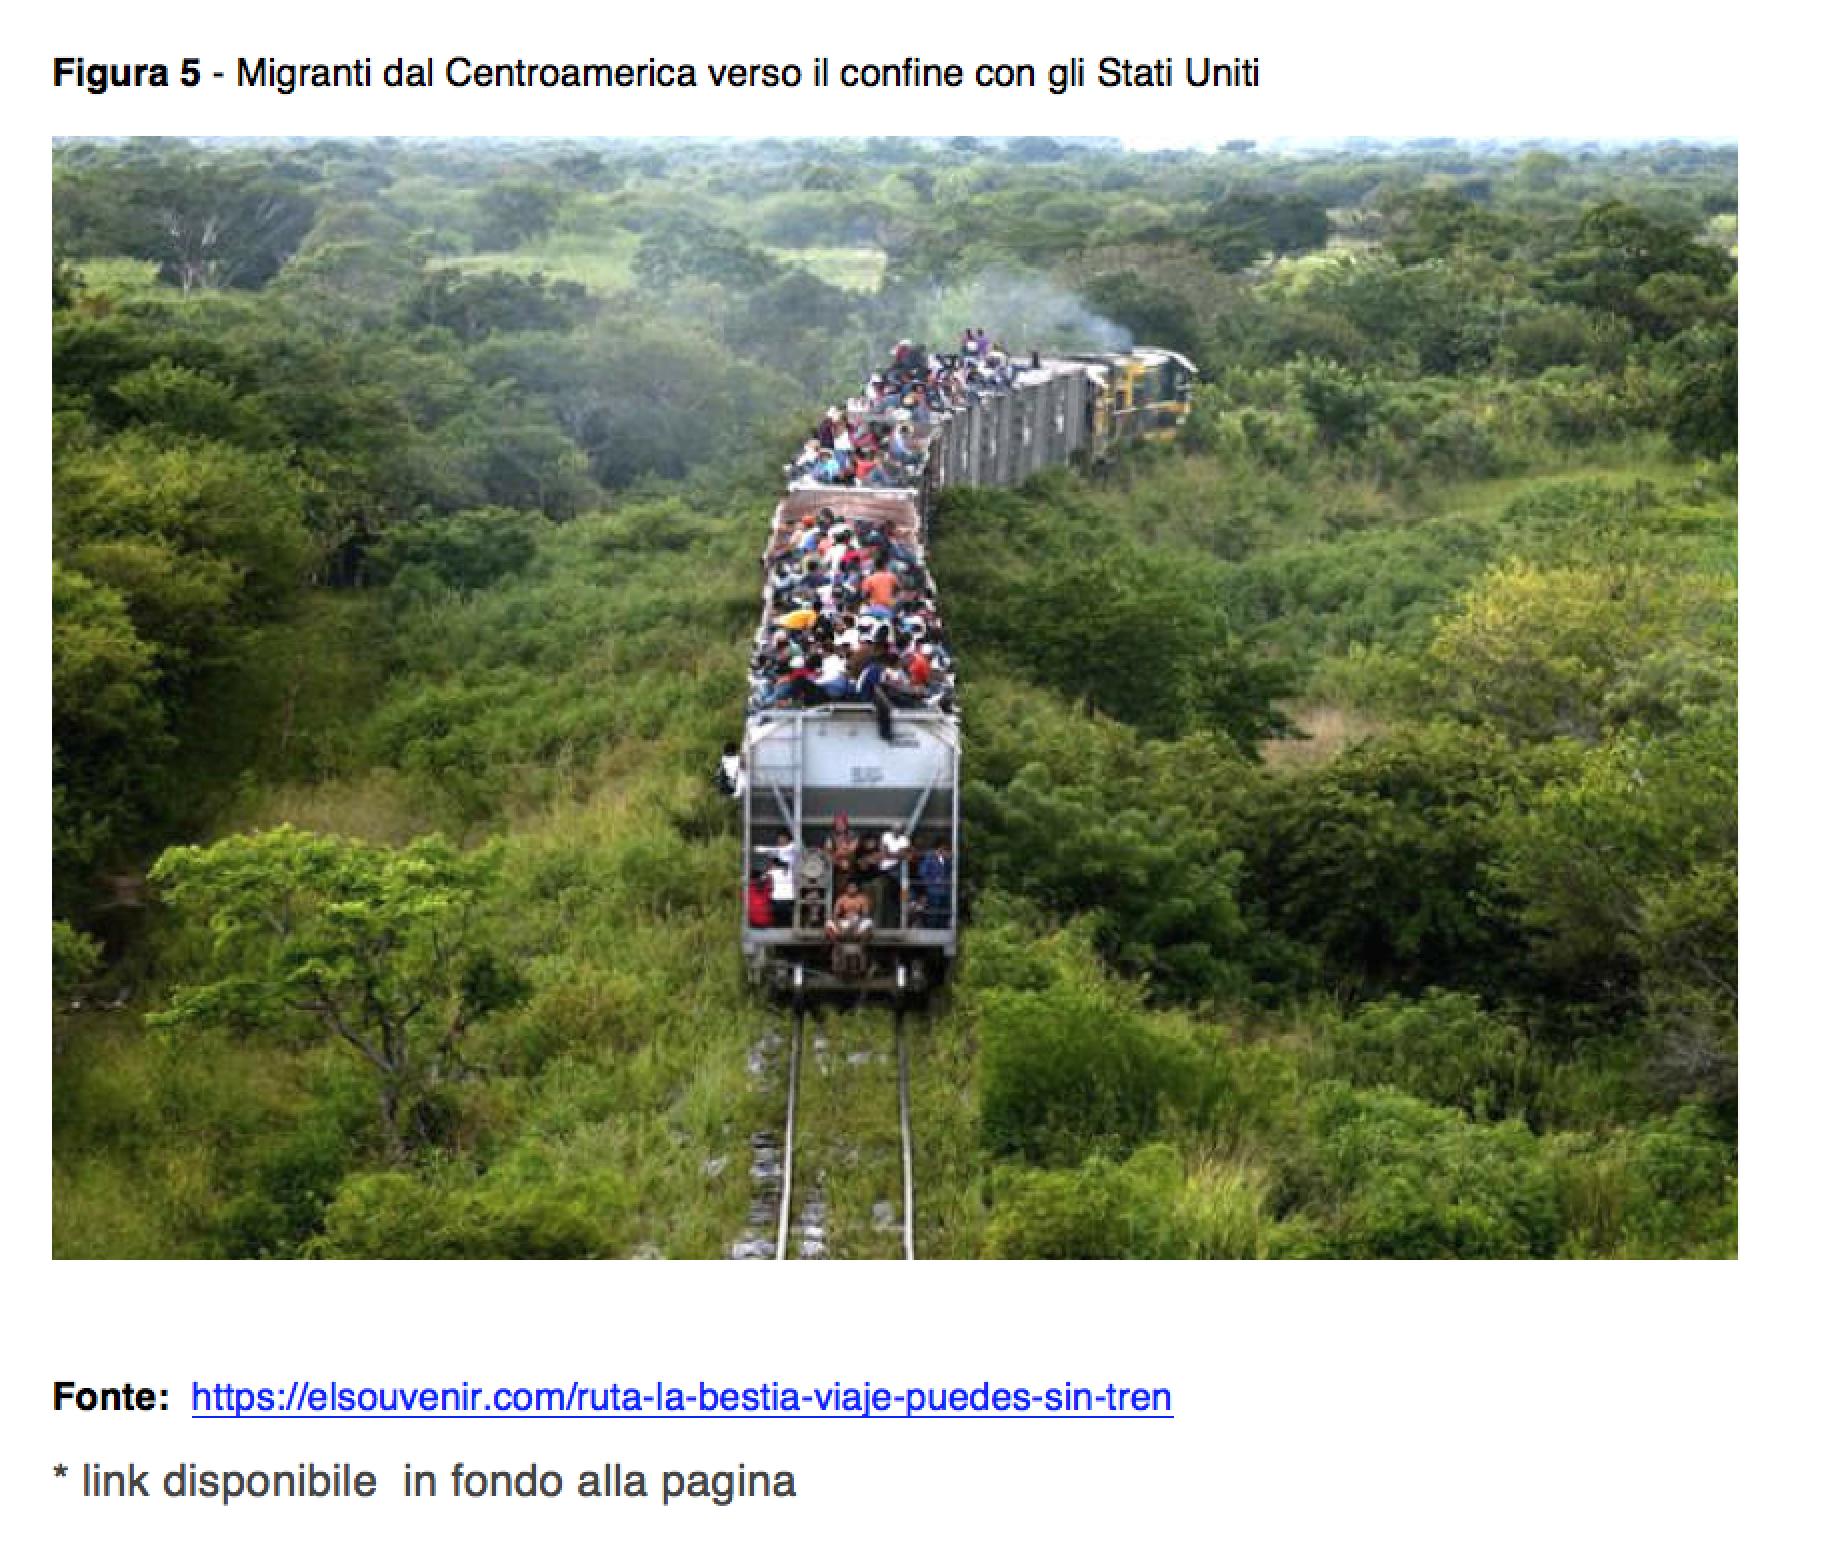 Tag  migrazioni-mobilità - neodemos 2fe7561f1d1